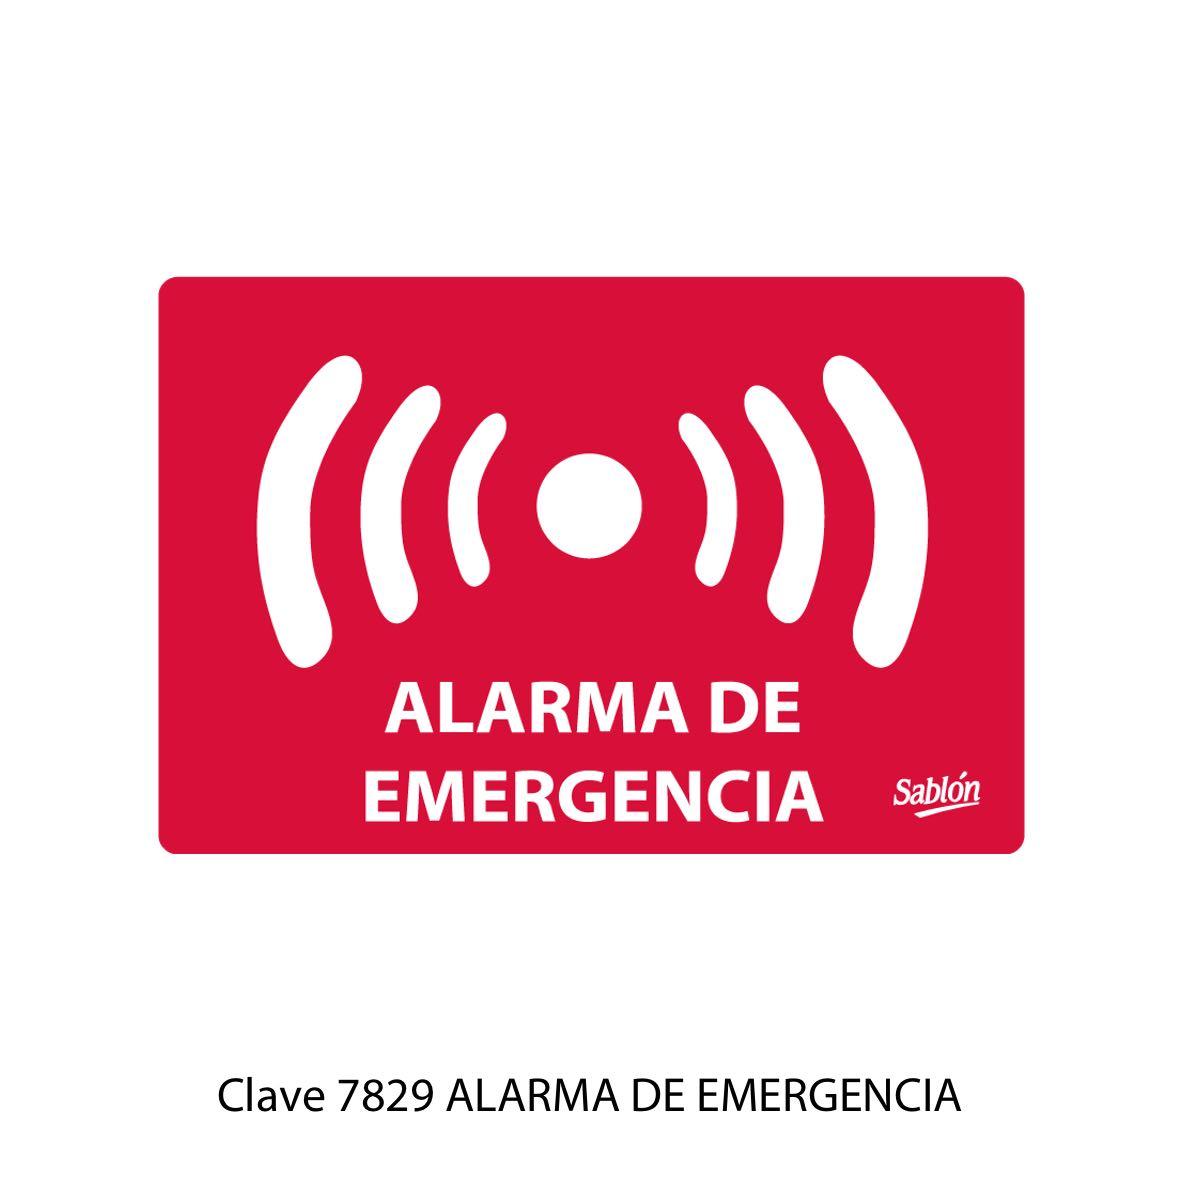 Señal Alarma de Emergencia Modelo 7829 - Sablón